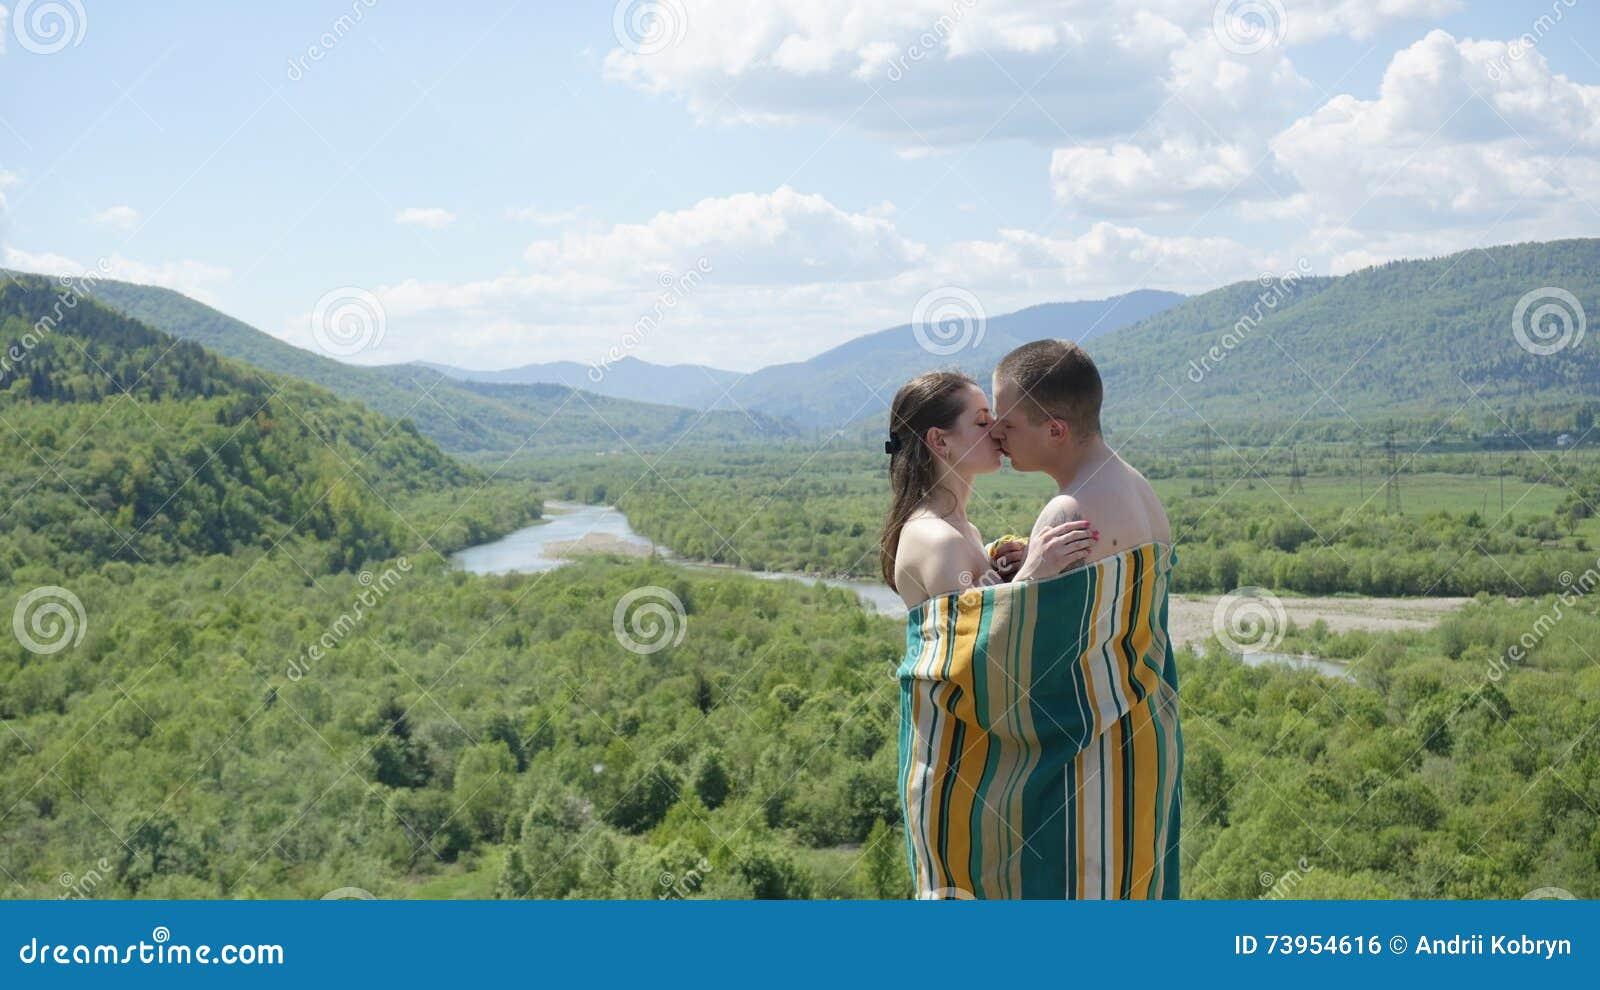 Desi naked fucking couple